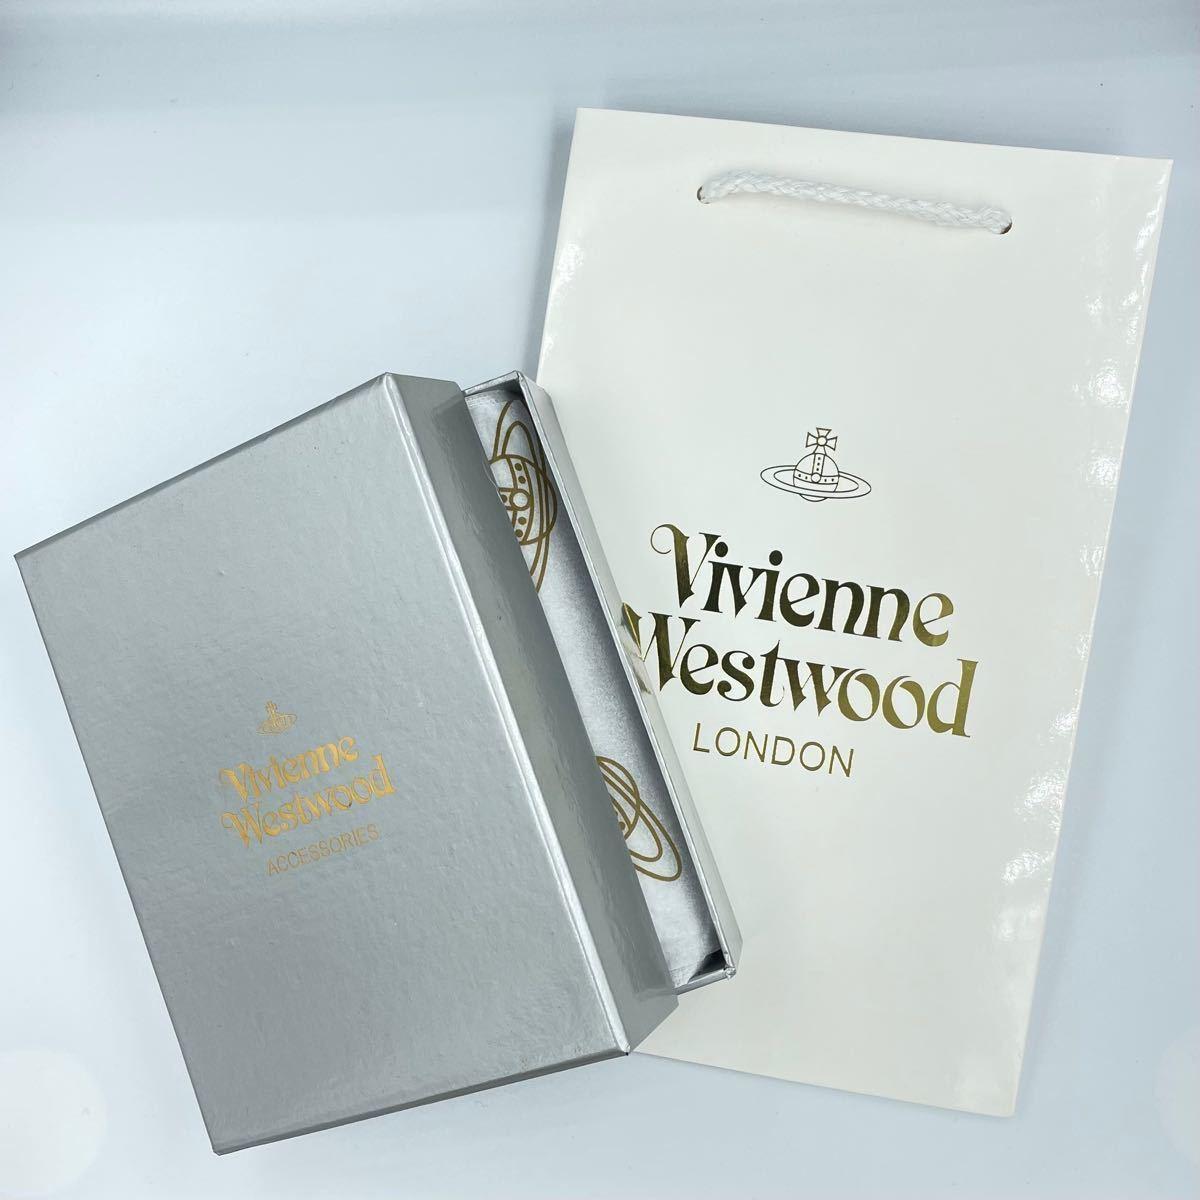 特別価格!Vivienne Westwood ヴィヴィアンウエストウッド 三つ折り 財布 【返金保証付き】